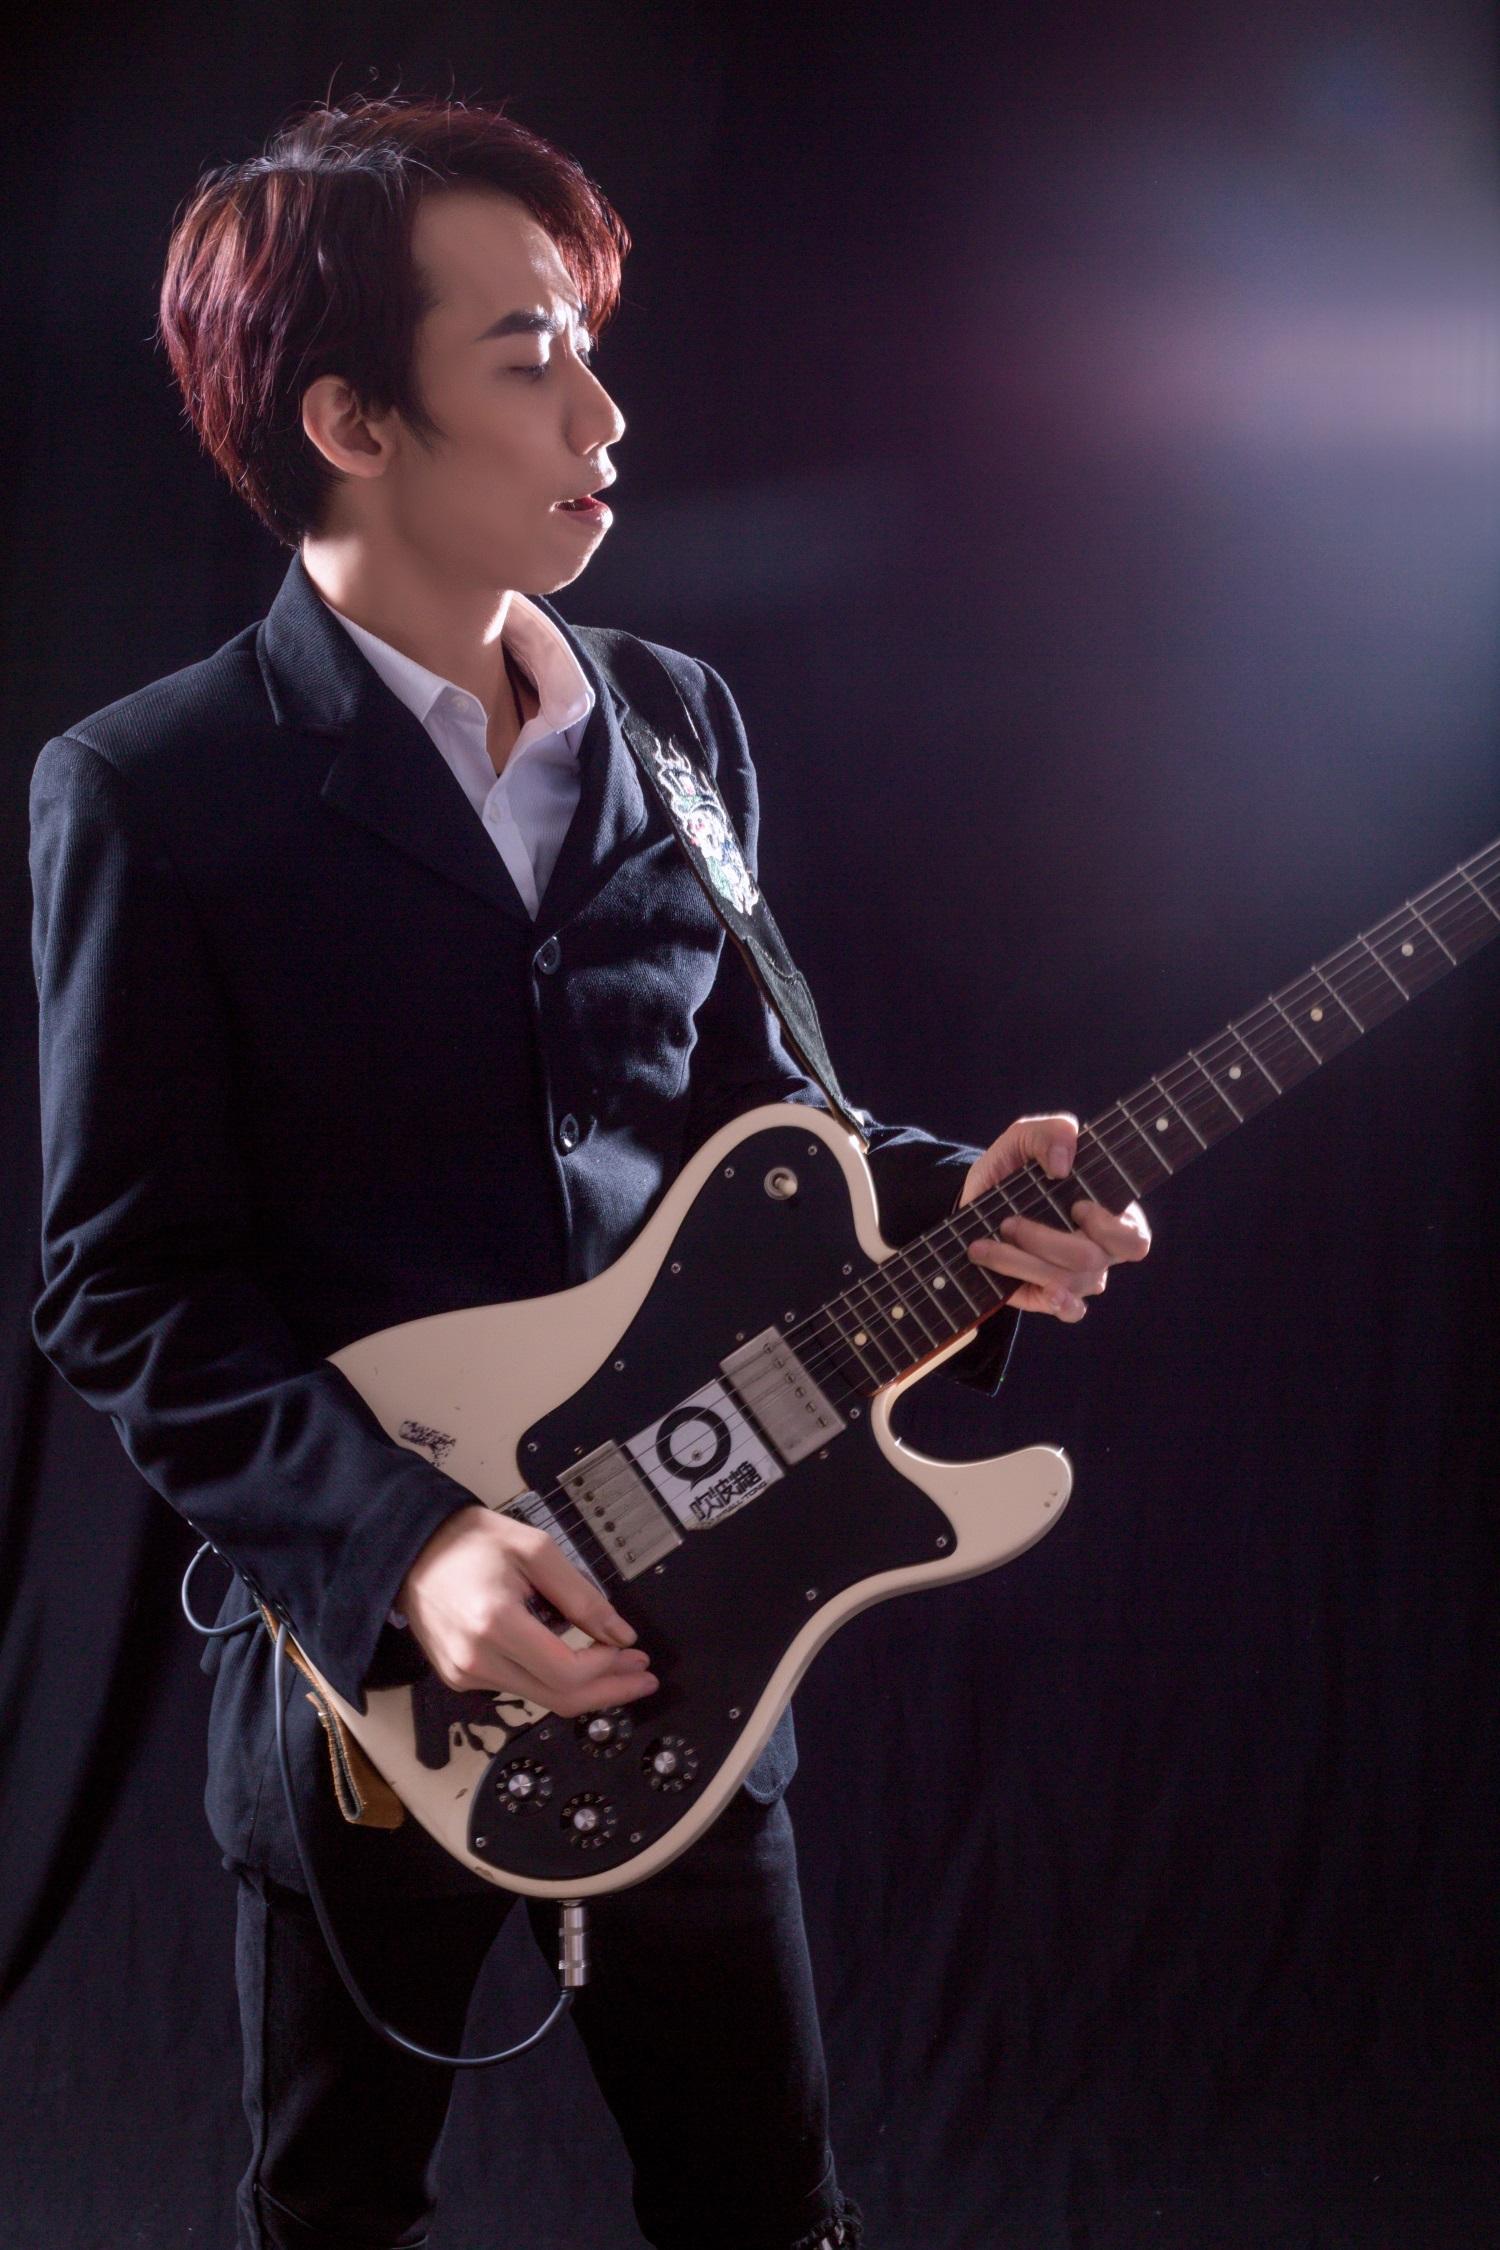 余乐夫吉他.jpg